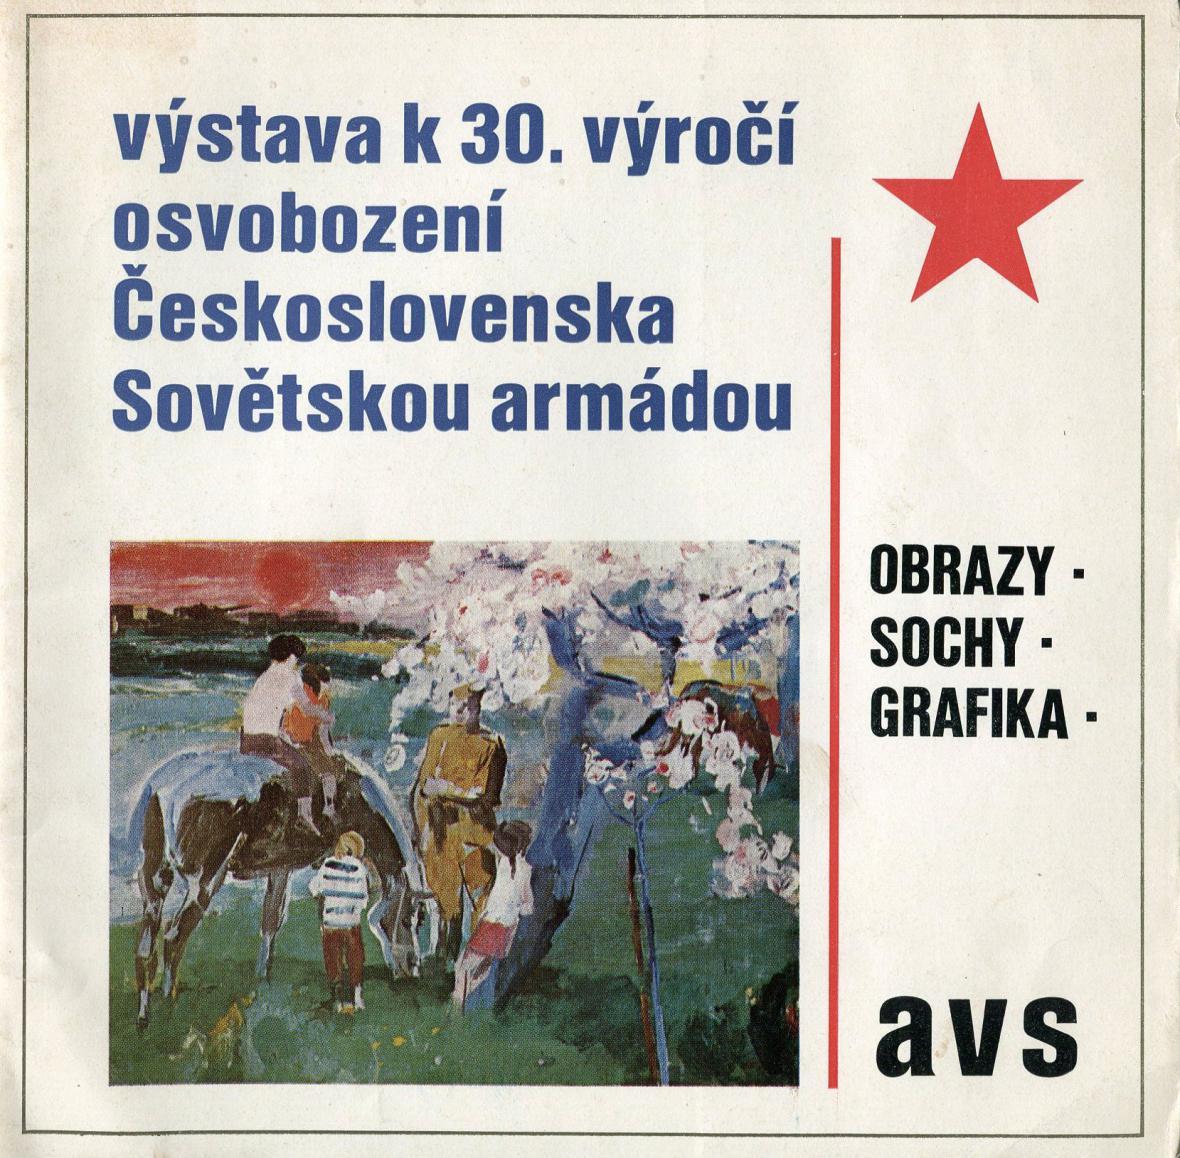 Socialistický plakát